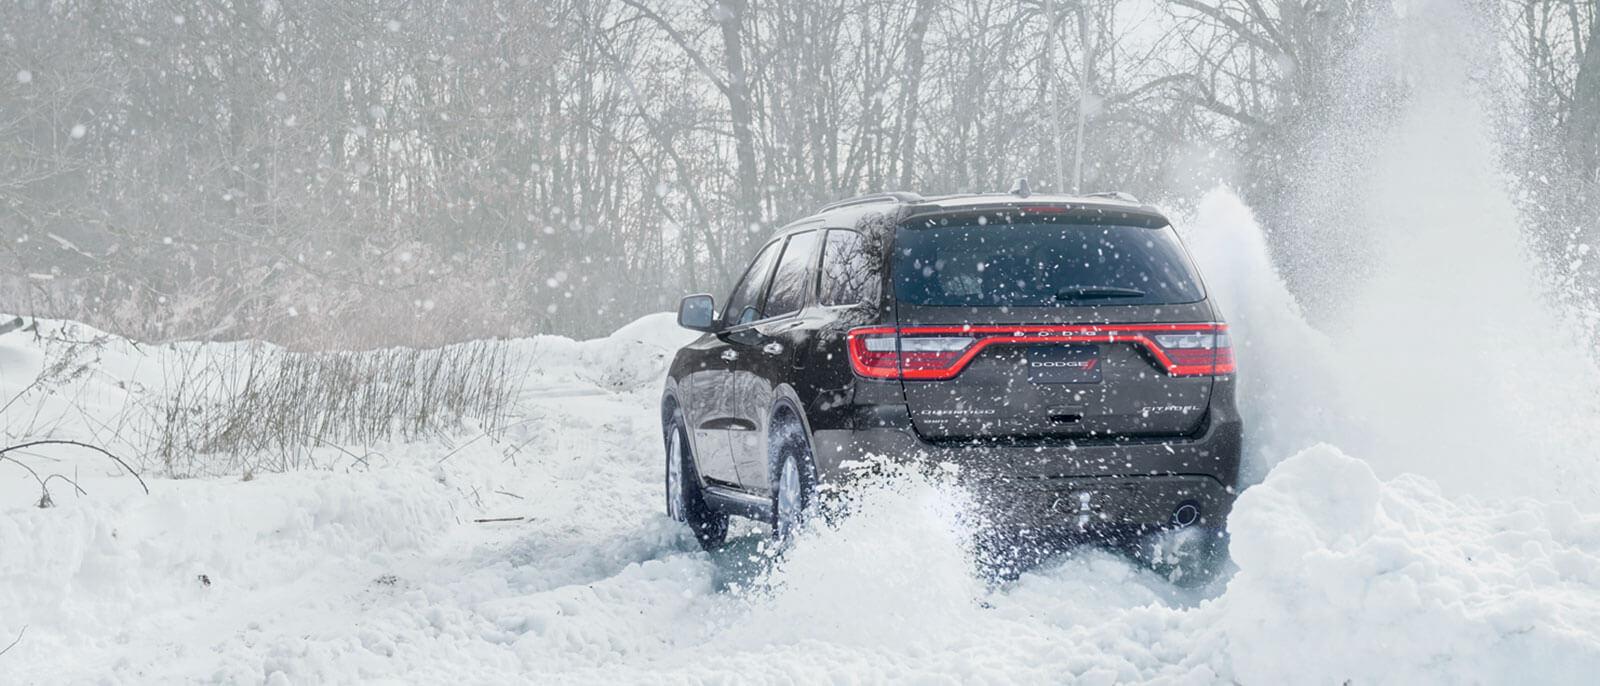 2016 Dodge Durango conquers snow